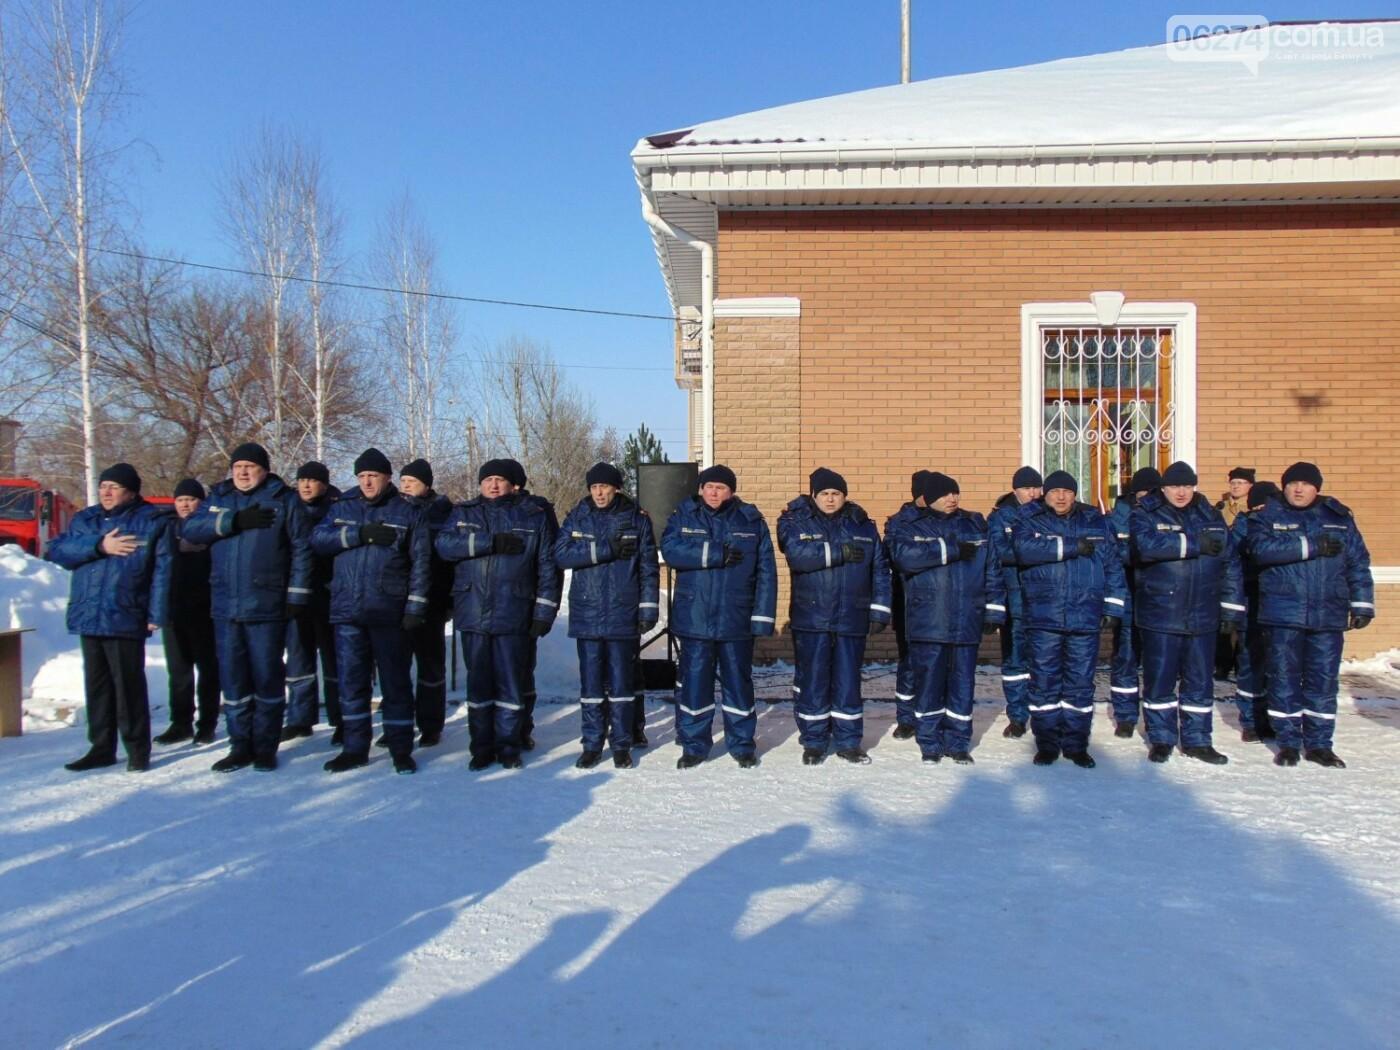 Спасателям Бахмута передали новые пожарные машины и инженерную технику, фото-2